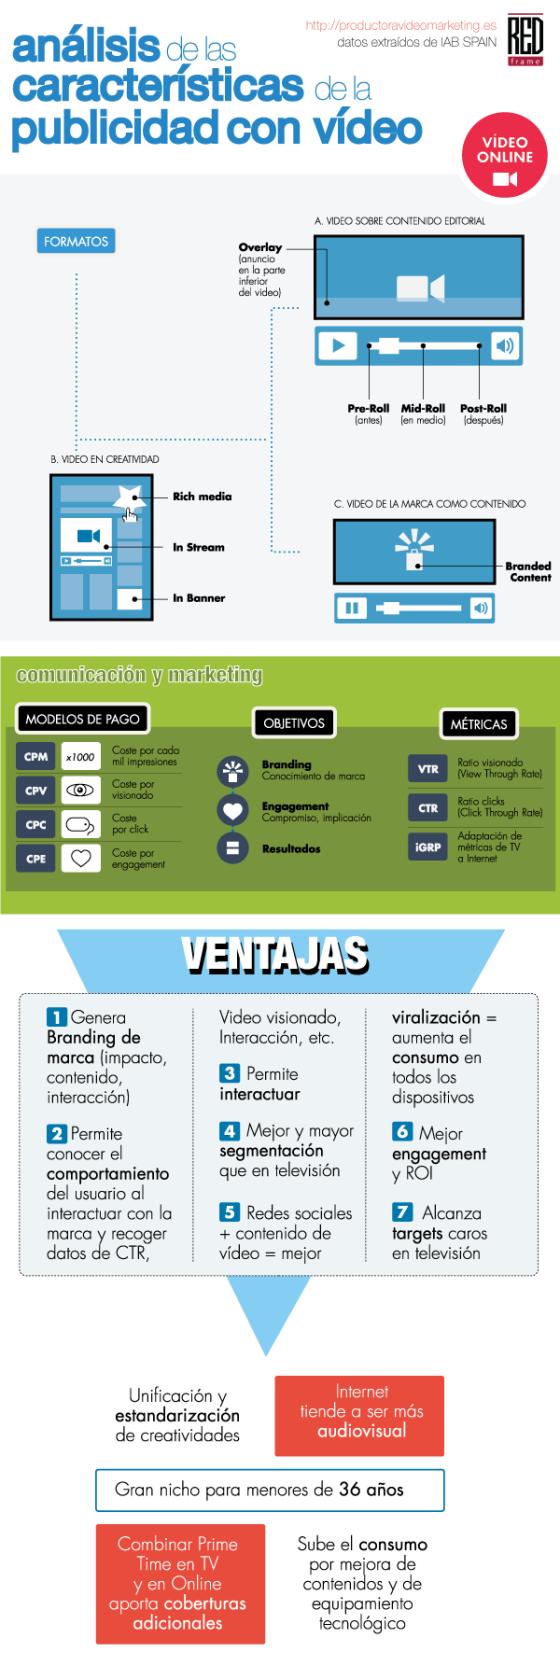 Análisis de las características de la publicidad con vídeo